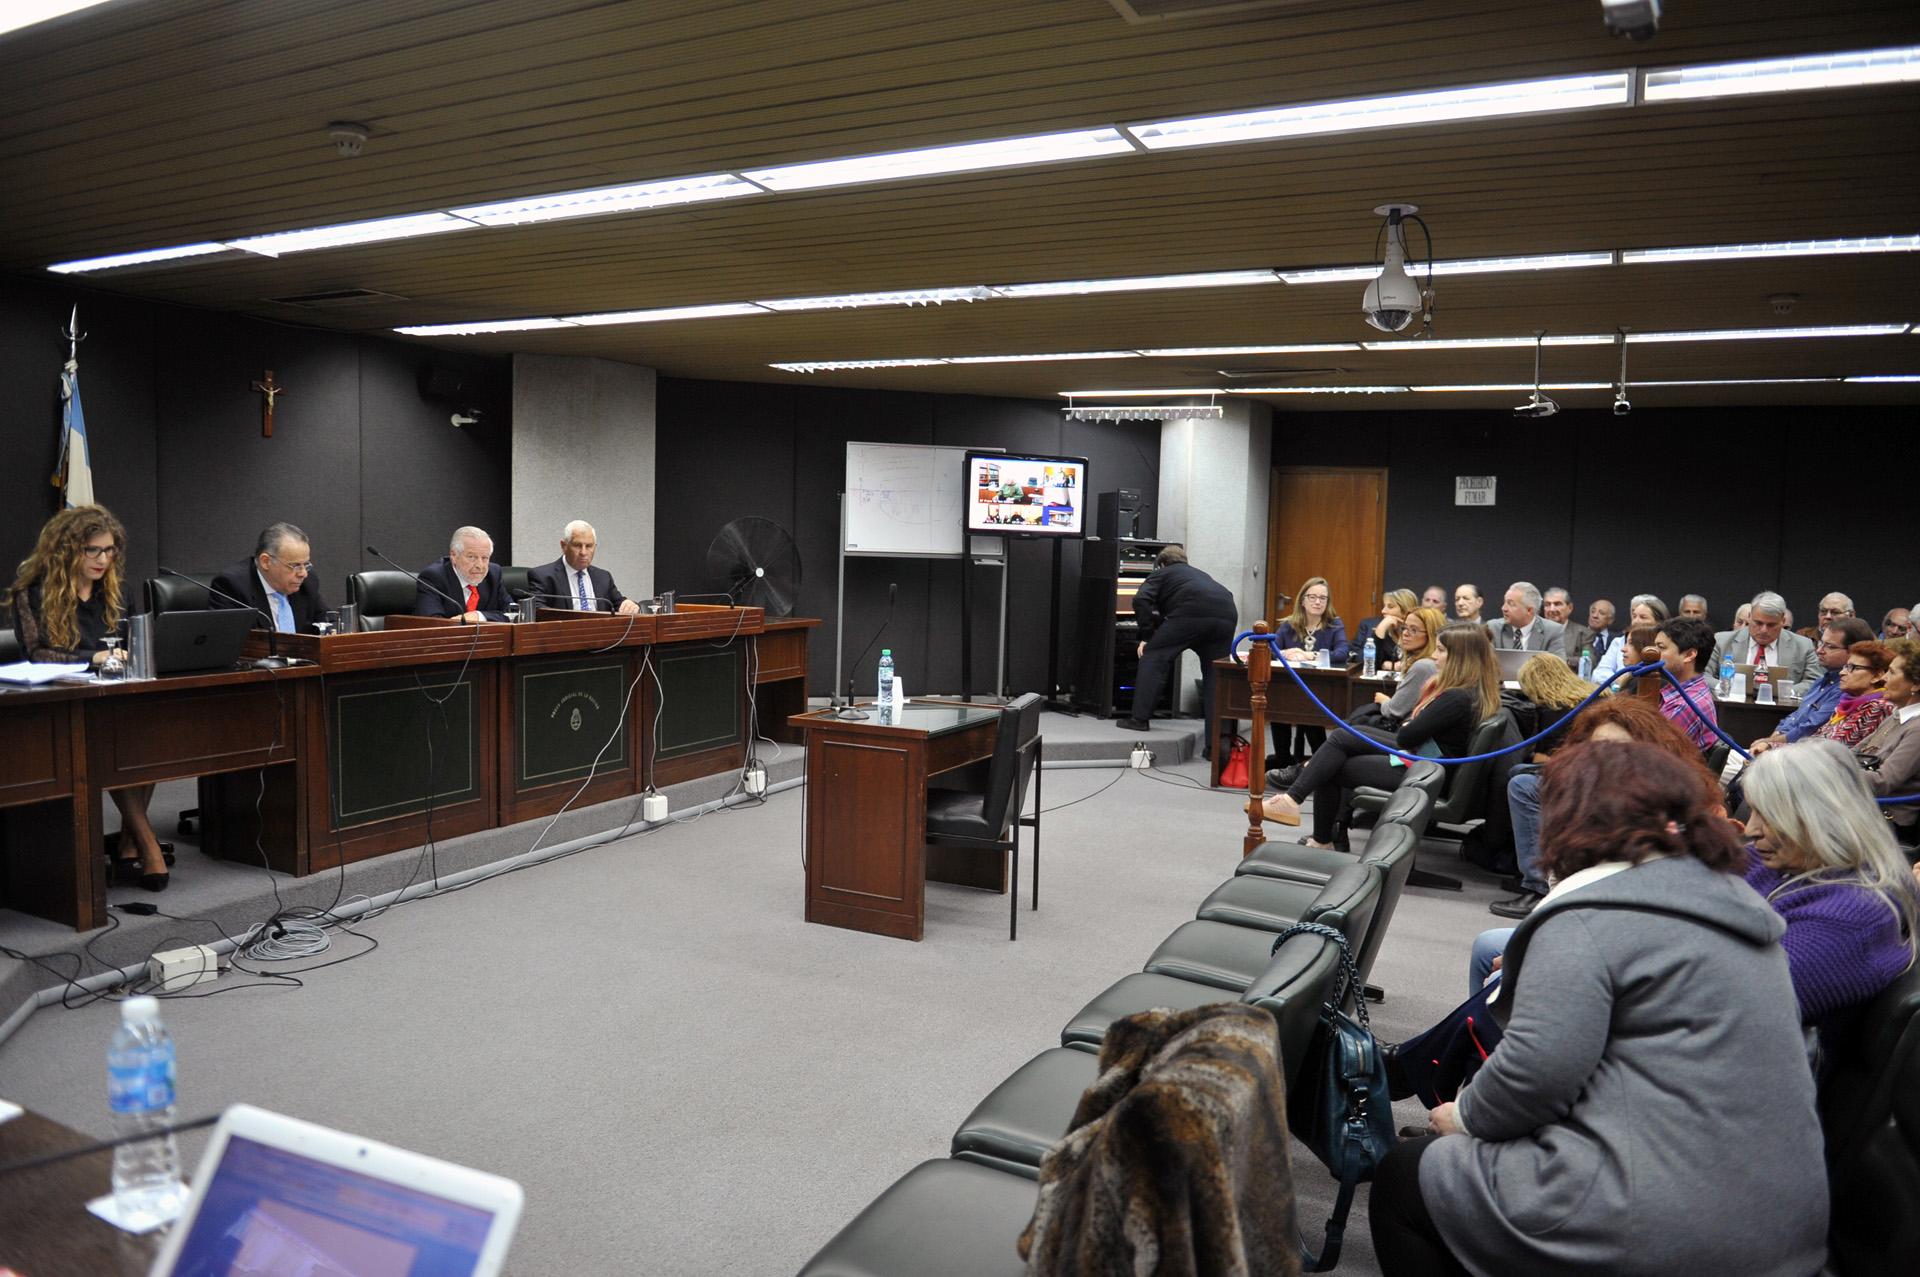 Comenzó el segundo juicio por crímenes cometidos en el centro clandestino Monte Peloni de Olavarría